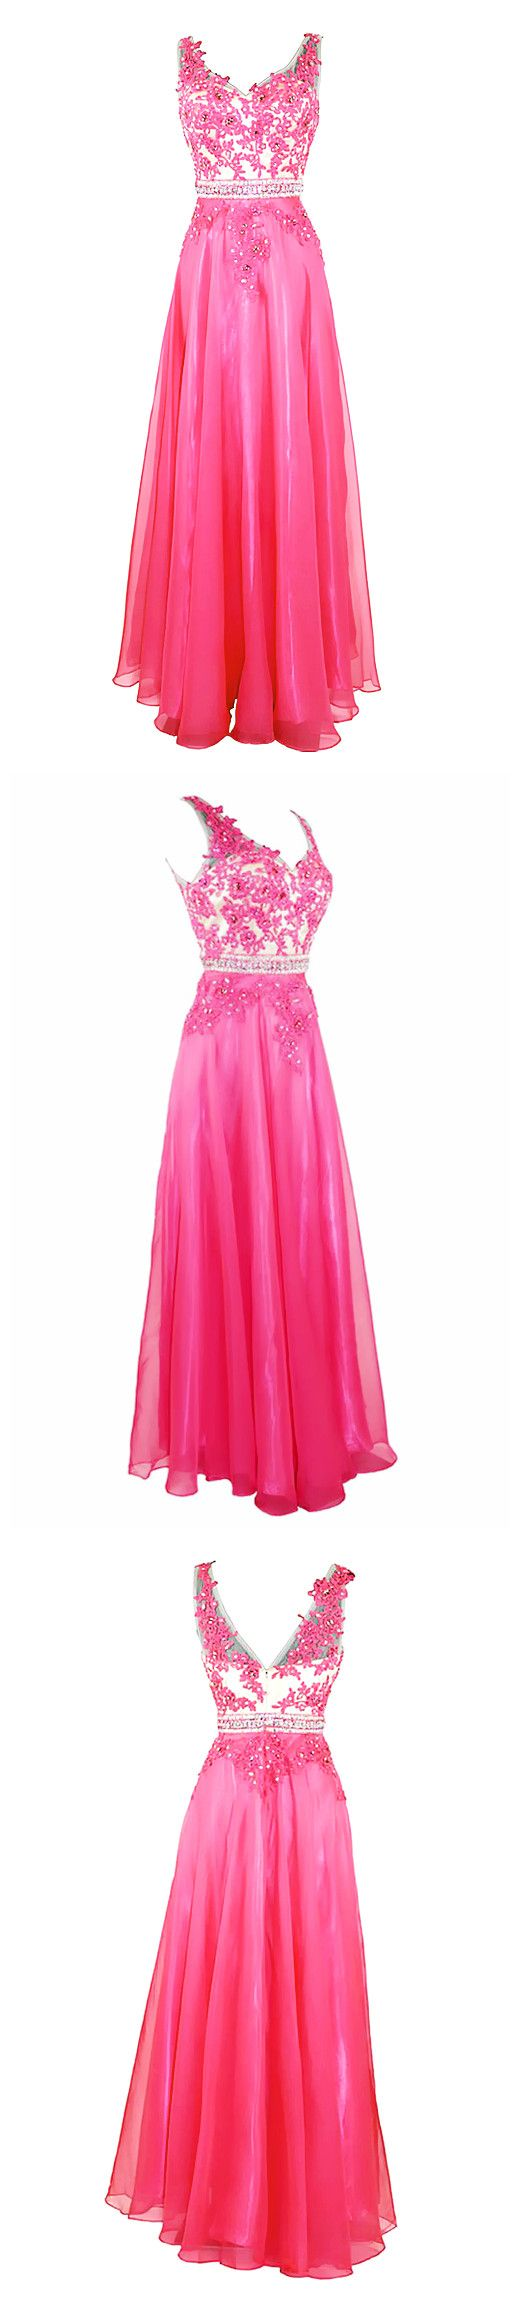 Atractivo Savvi Prom Dresses Colección de Imágenes - Colección de ...